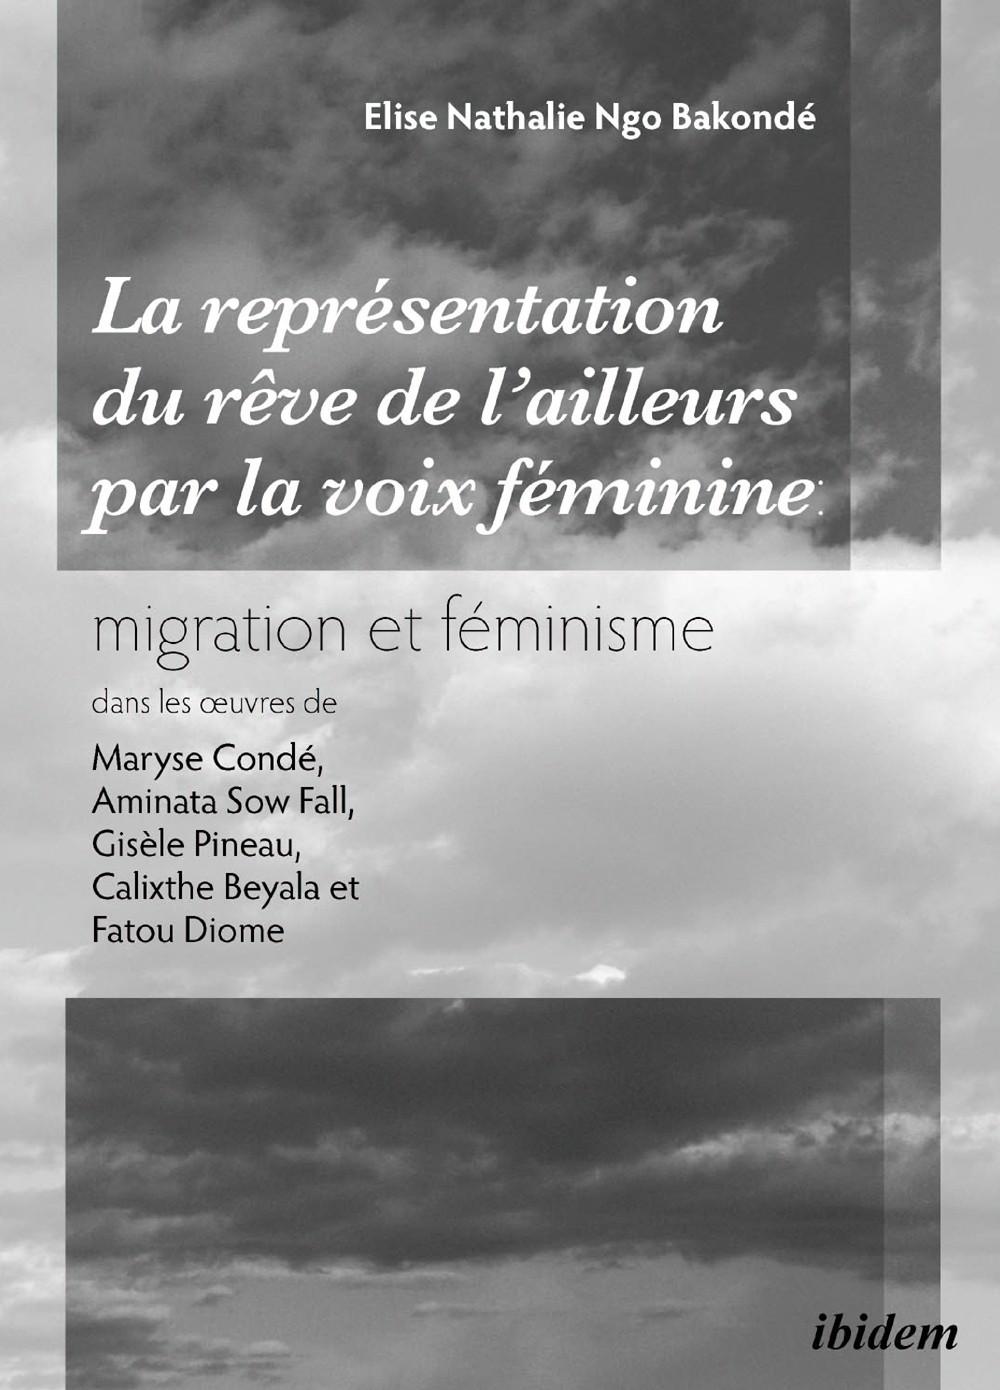 La représentation du 'rêve de l'ailleurs' par la voix féminine migration et féminisme dans les œuvres  de Maryse Condé, Aminata Sow Fall, Gisèle Pineau, Calixthe Beyala et Fatou Diome